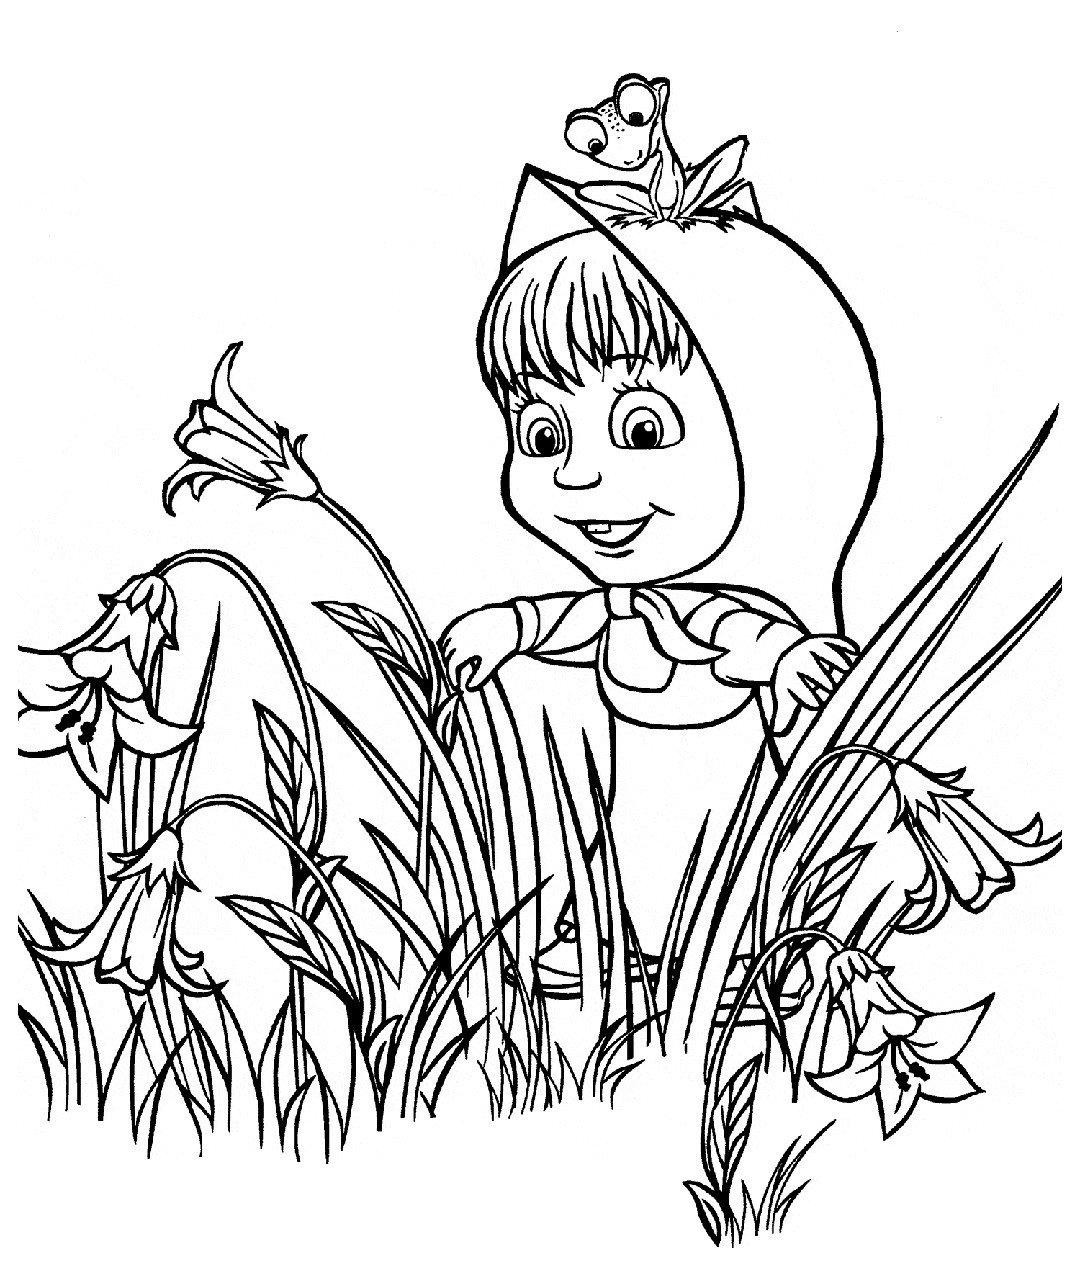 Маша выглядывает из цветочных зарослей - Картинка для раскрашивания красками-гуашью